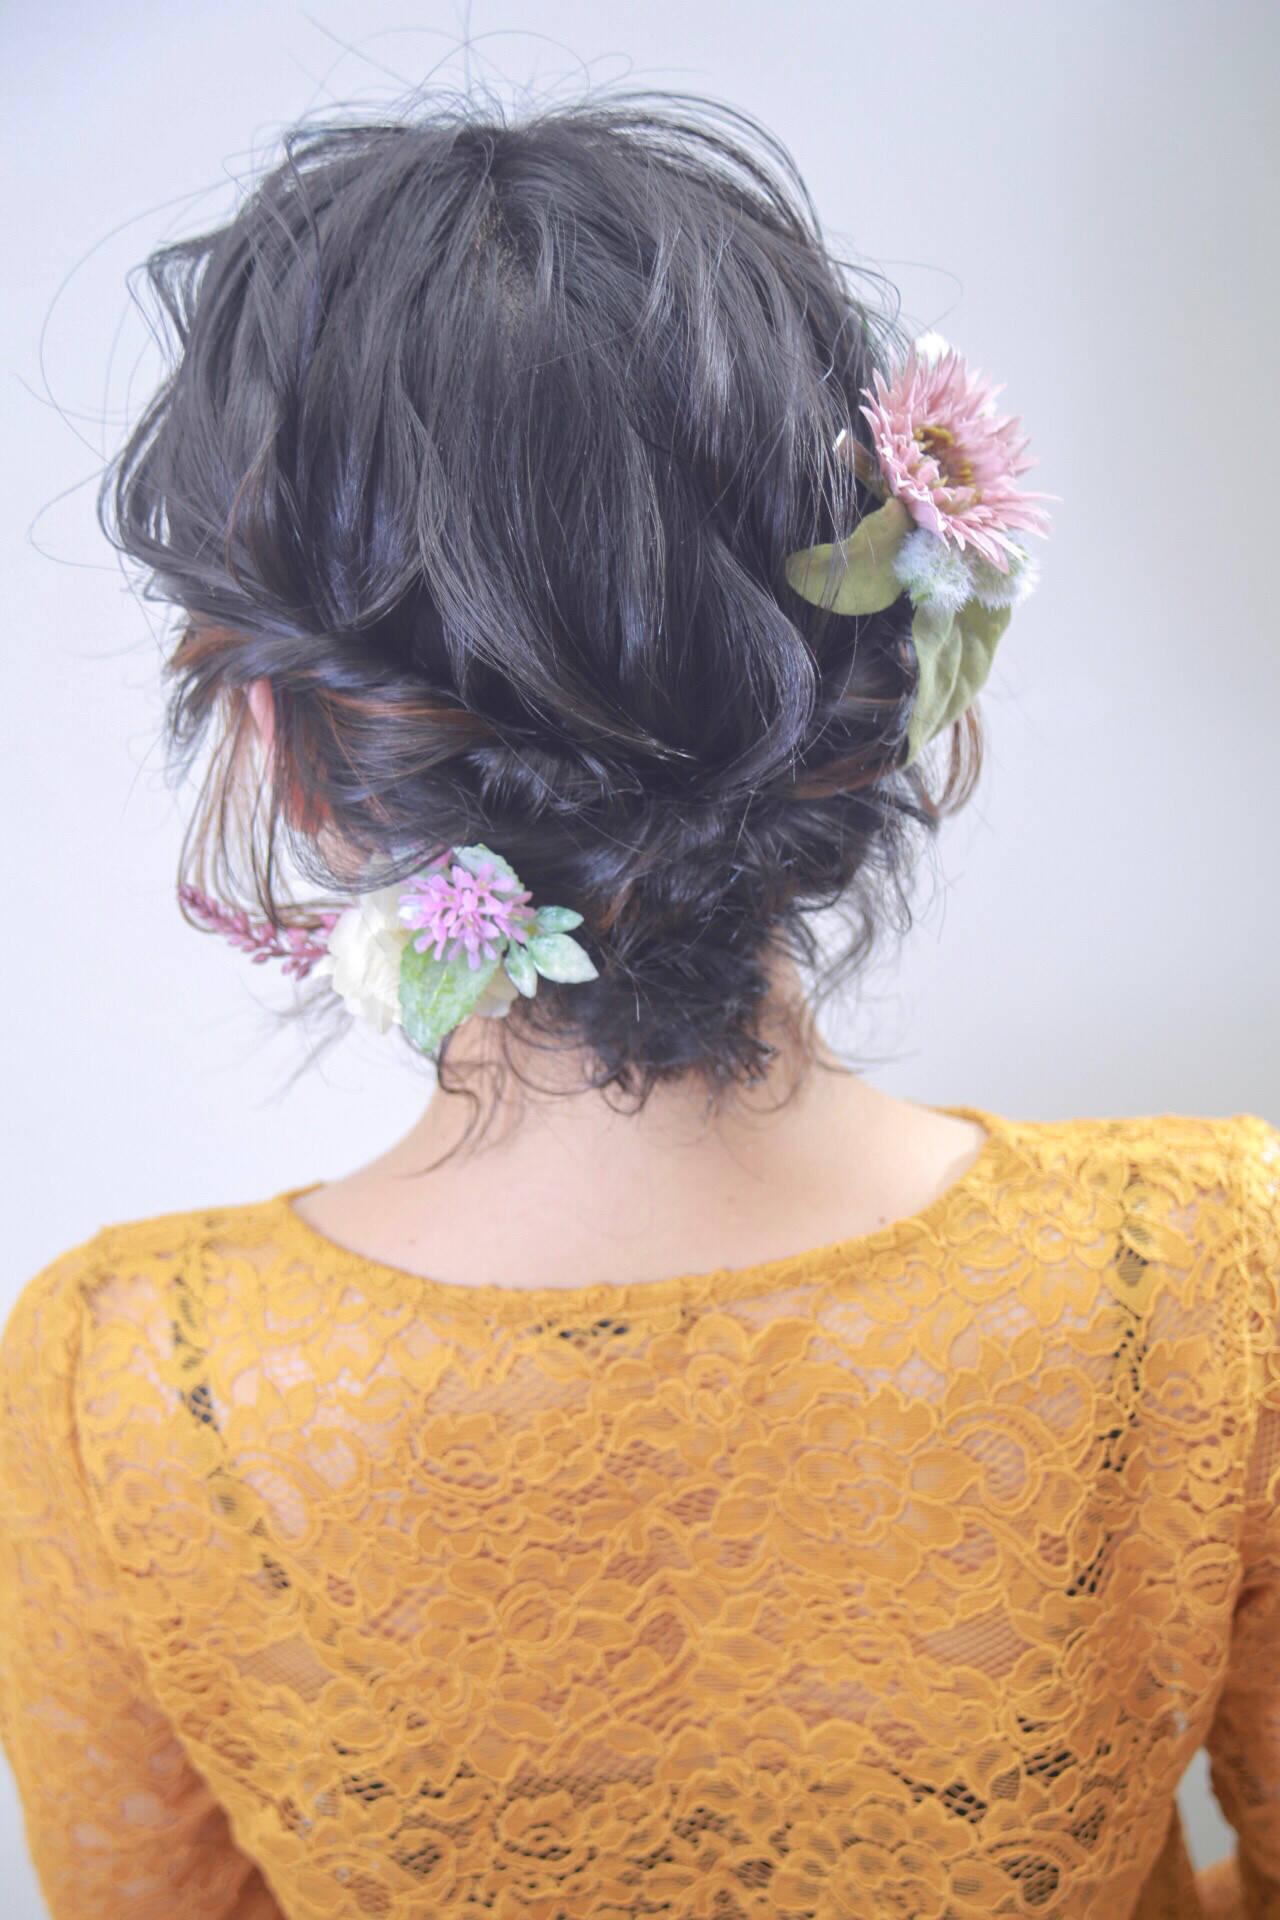 エレガント 結婚式 簡単ヘアアレンジ インナーカラーヘアスタイルや髪型の写真・画像